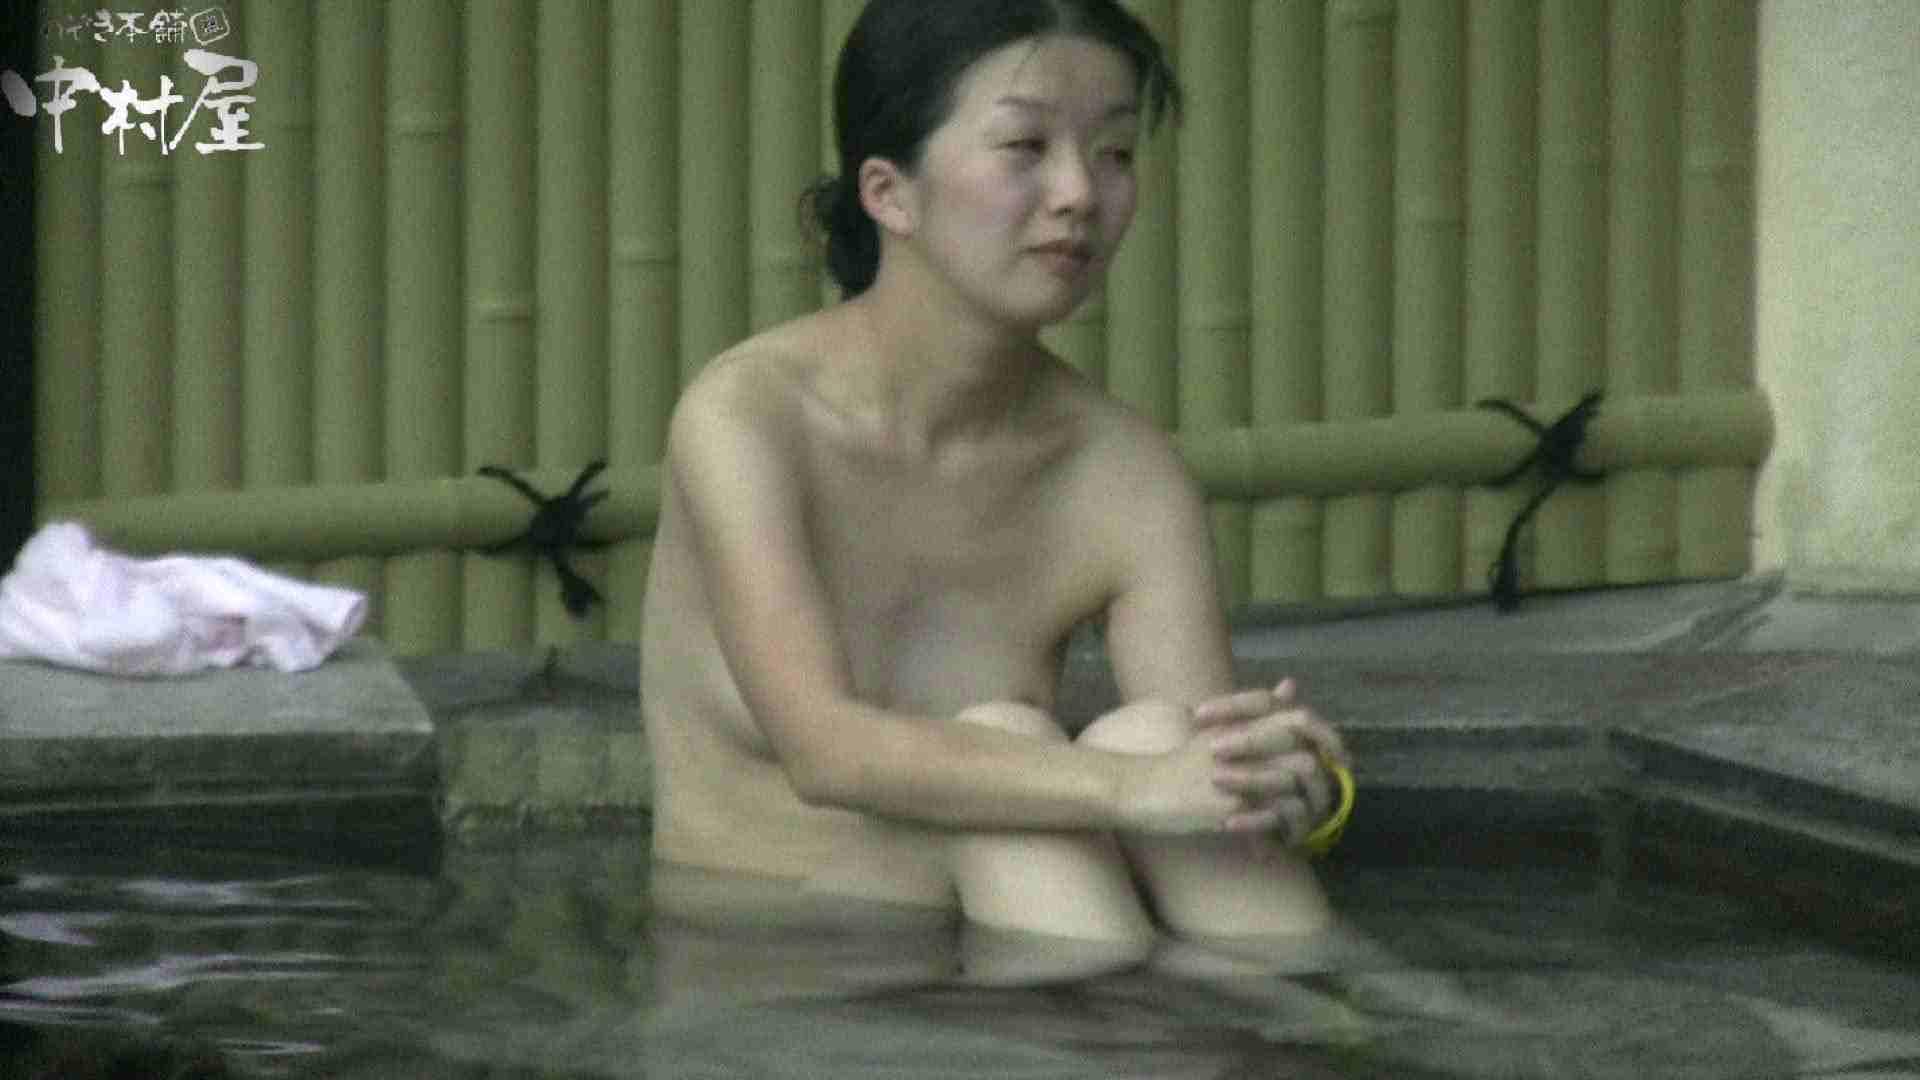 Aquaな露天風呂Vol.904 OLのエロ生活  56連発 42